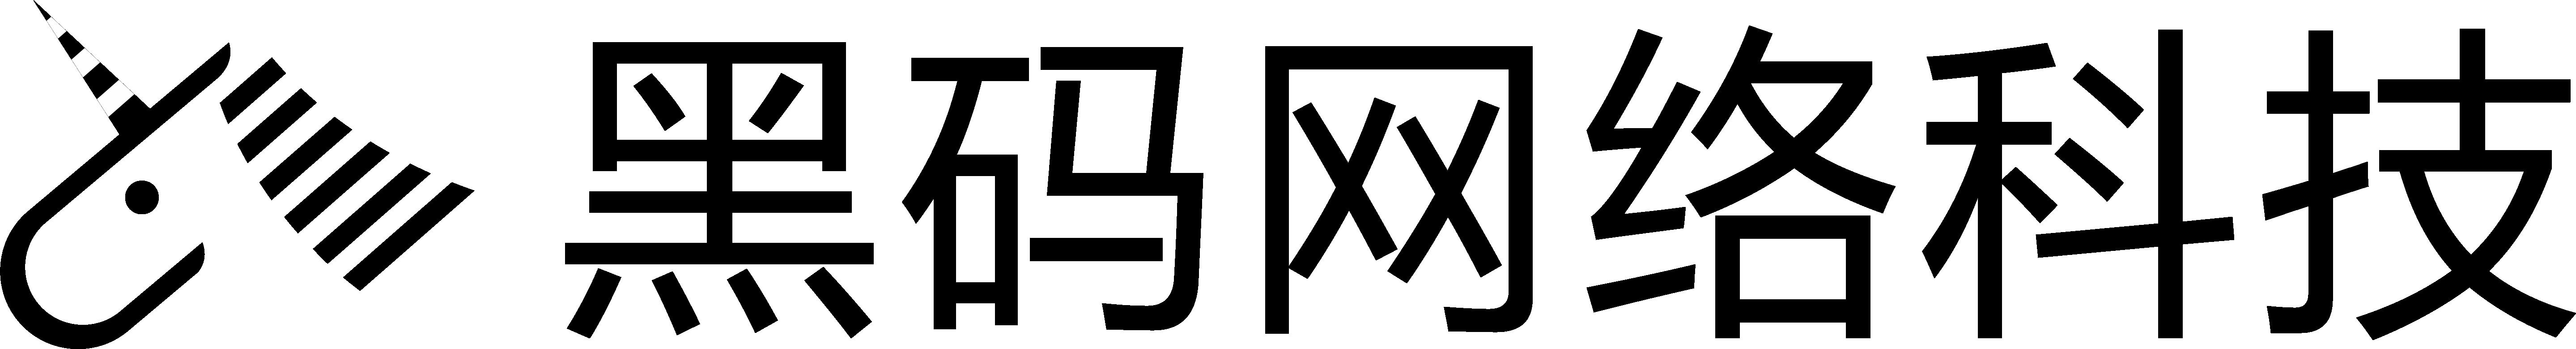 绍兴市黑码网络科技有限公司